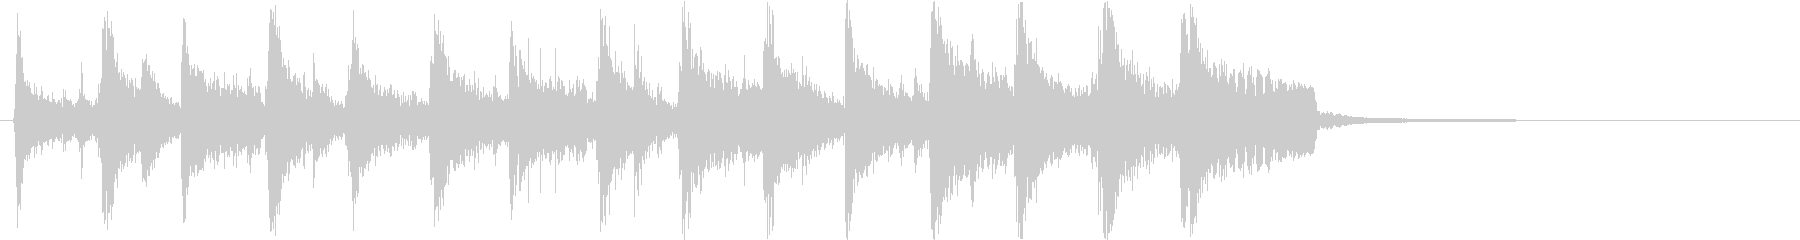 カートゥーンマーチアクセント2:完...の未再生の波形